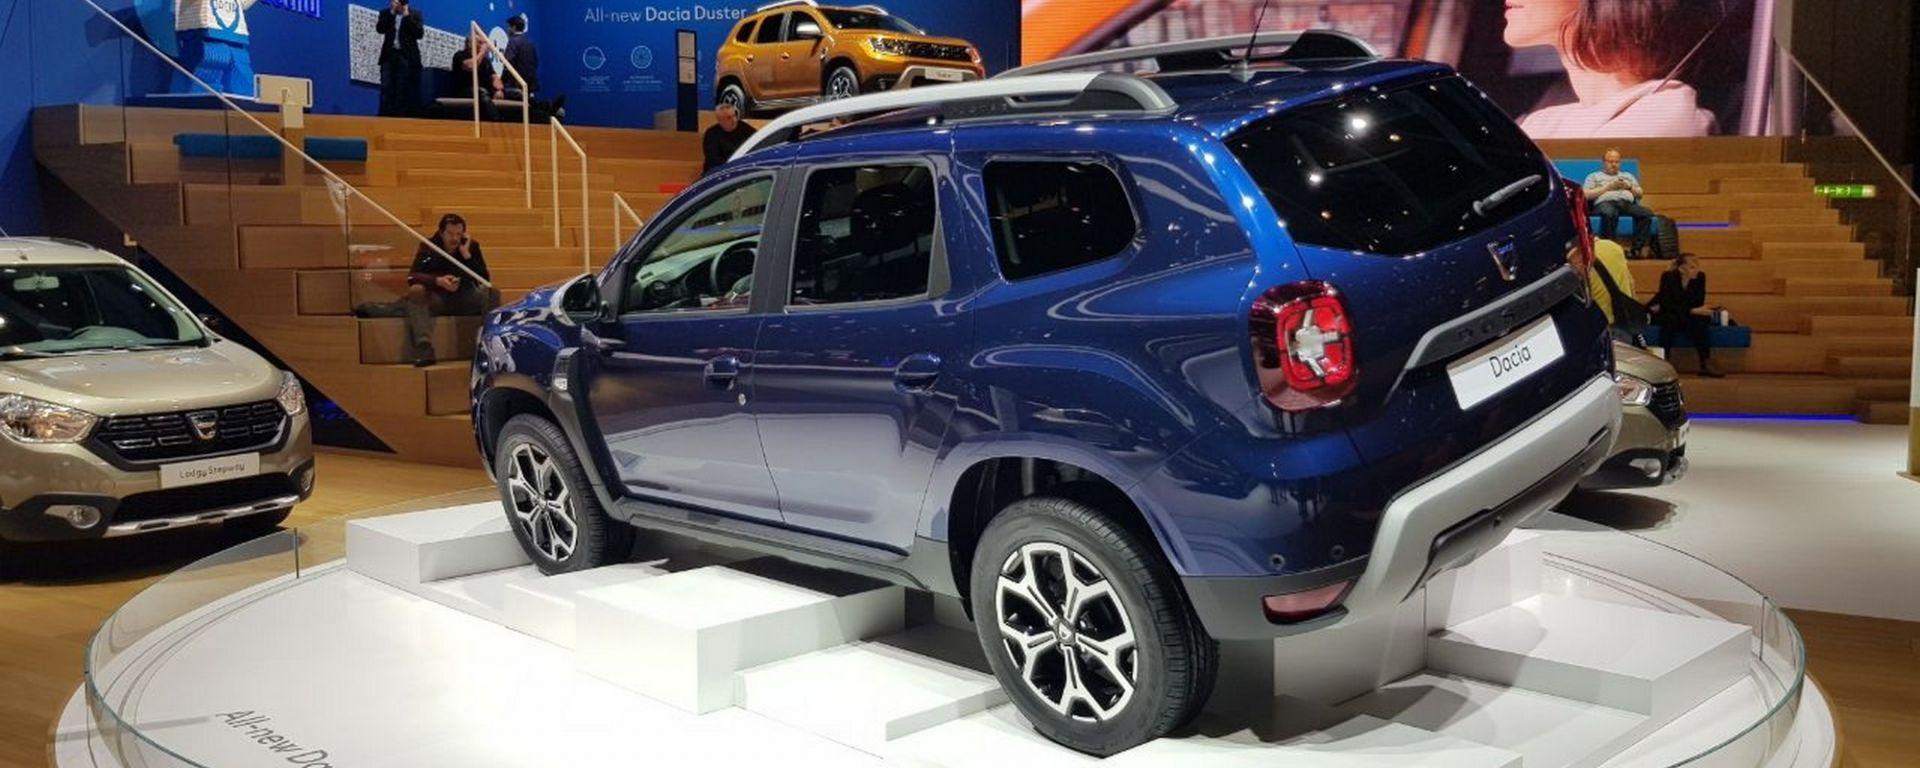 Salone di Ginevra 2018: le novità allo stand Dacia